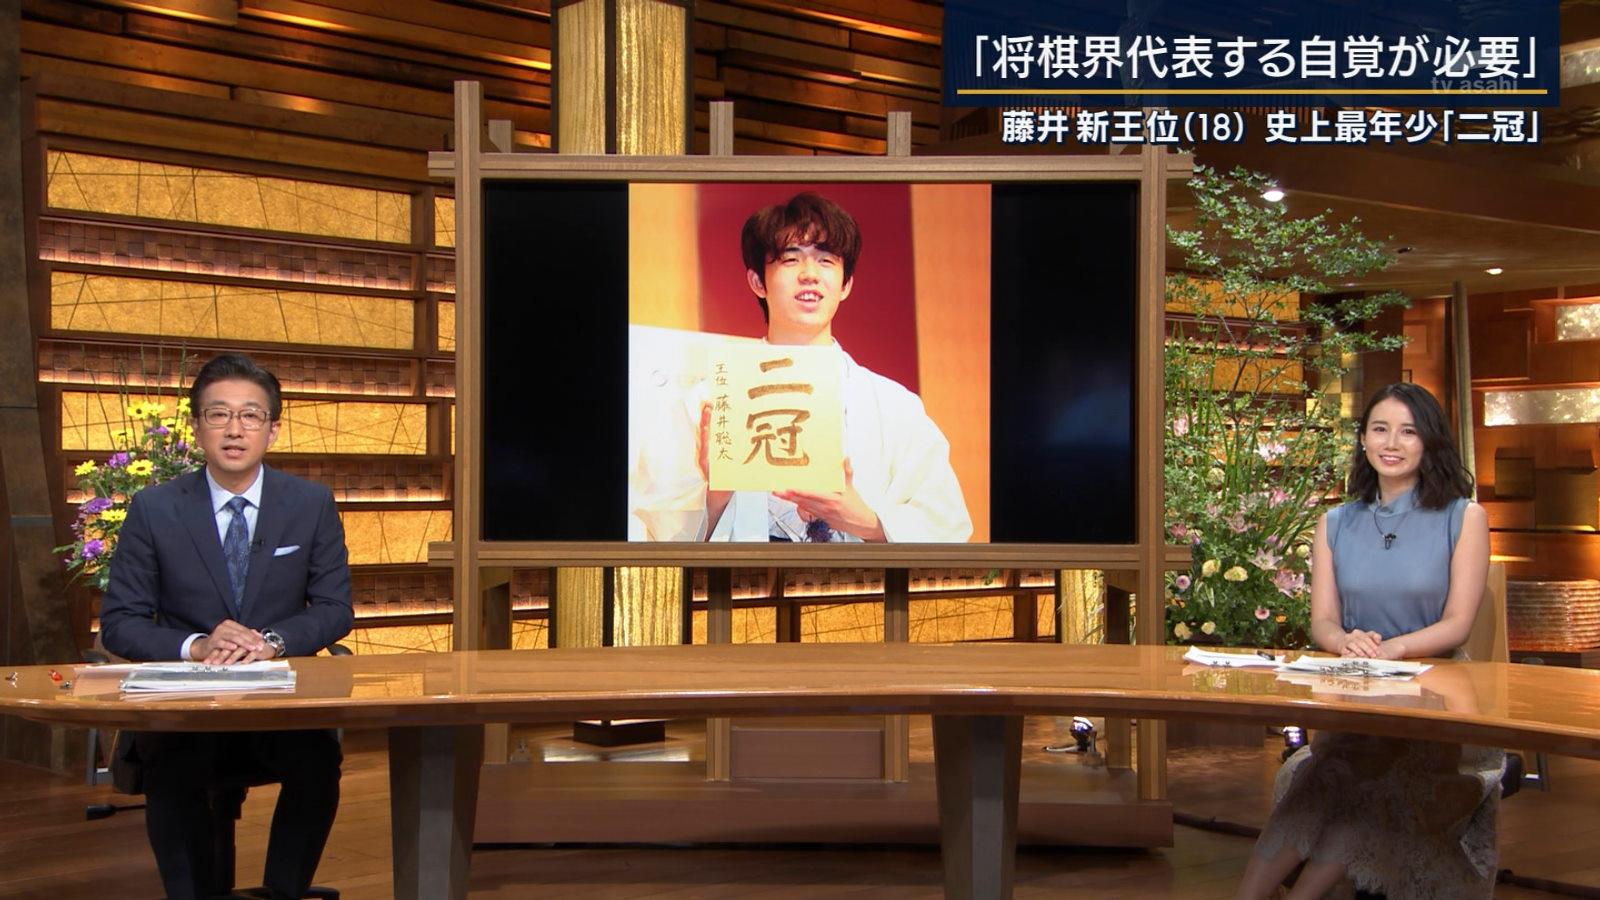 森川夕貴_着衣巨乳_おっぱい_報道ステーション_17